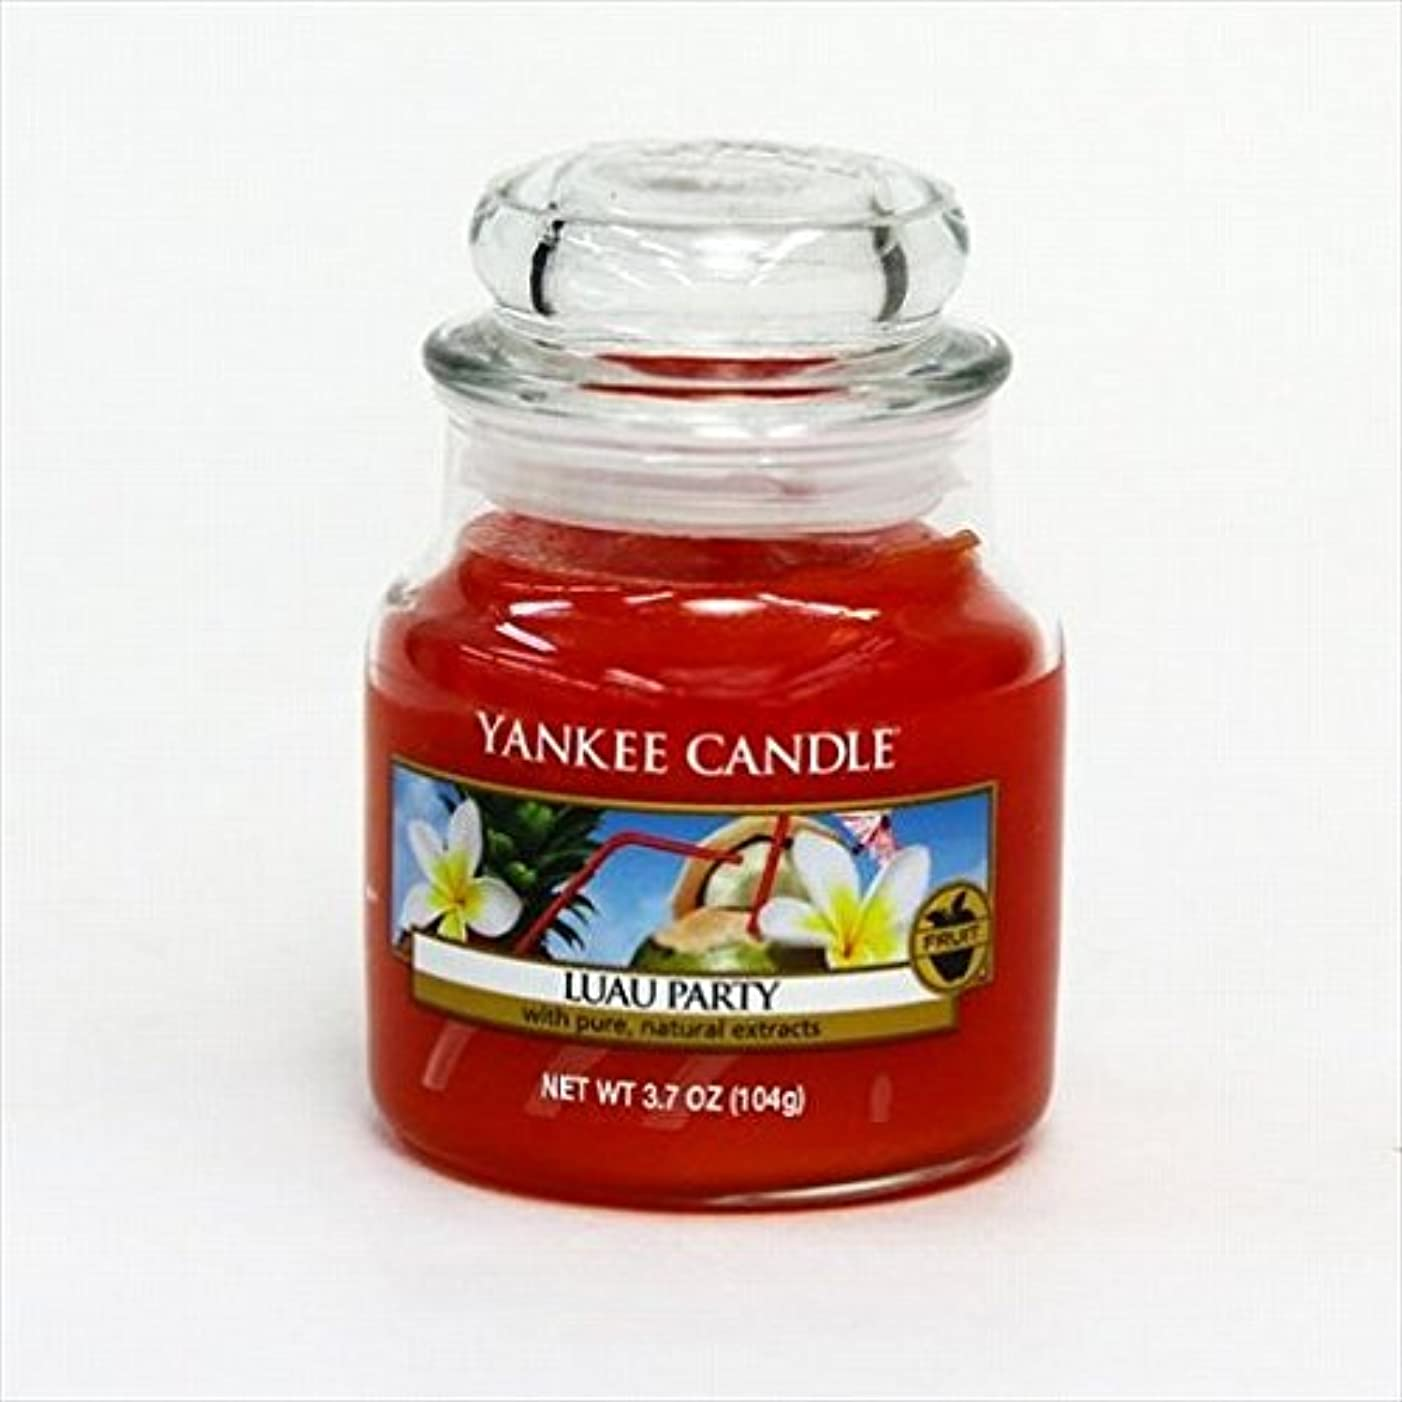 怖がらせる牧師巡礼者kameyama candle(カメヤマキャンドル) YANKEE CANDLE ジャーS 「 ルーアウパーティ 」 キャンドル 64x64x88mm (K00305223)